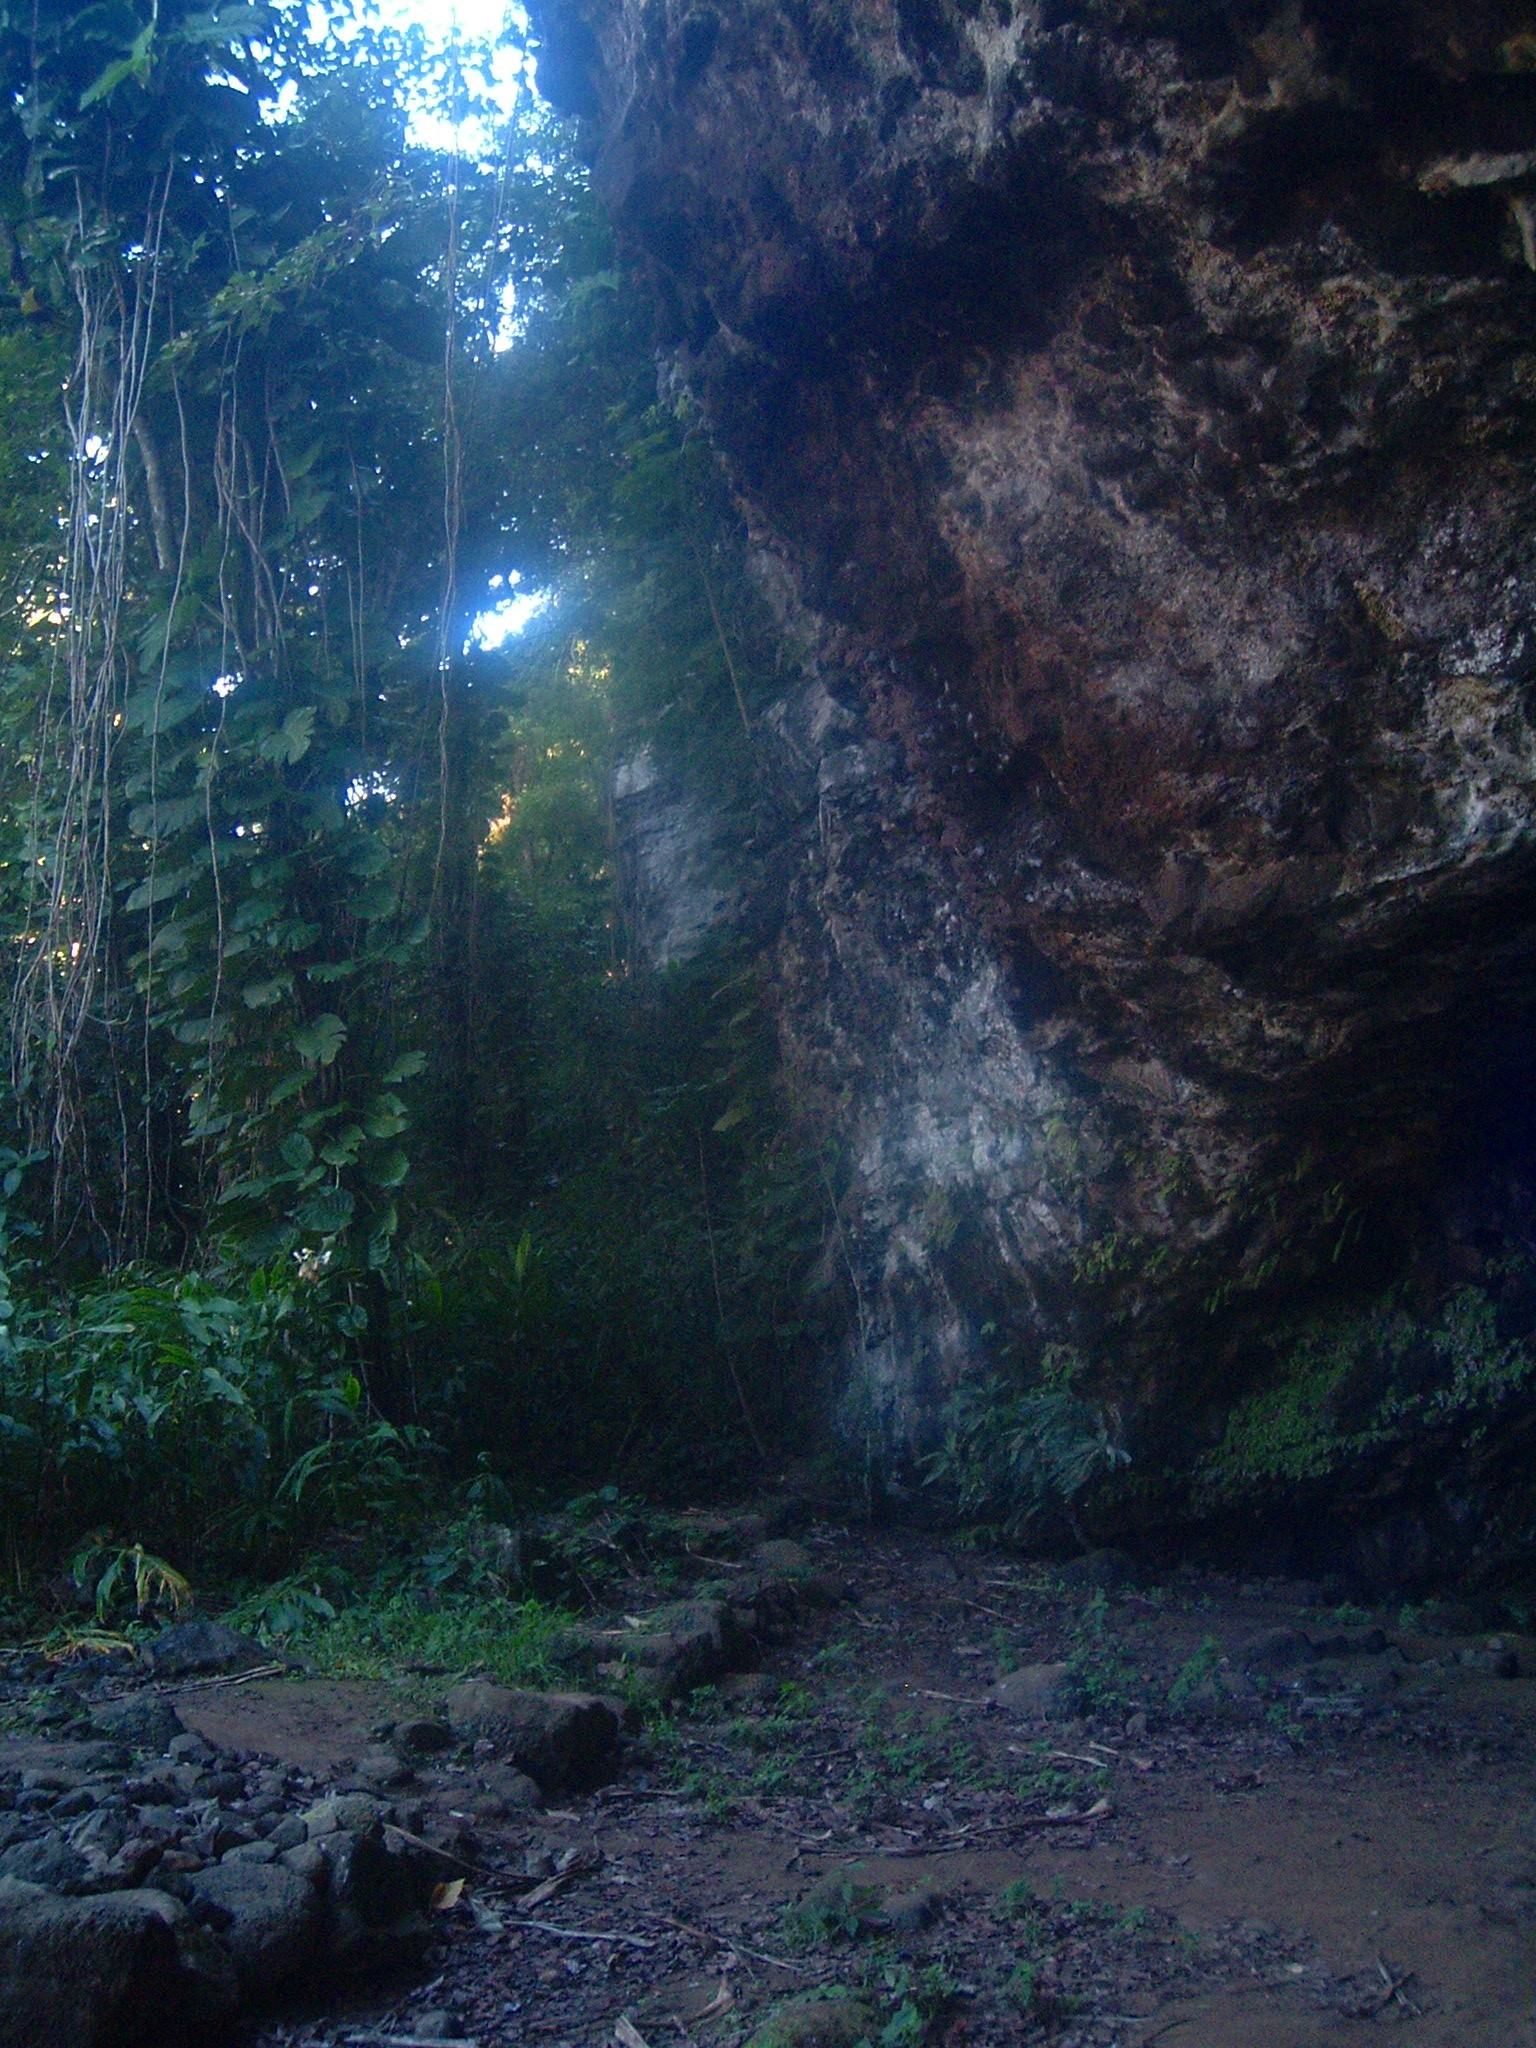 kauai cave entrance.JPG